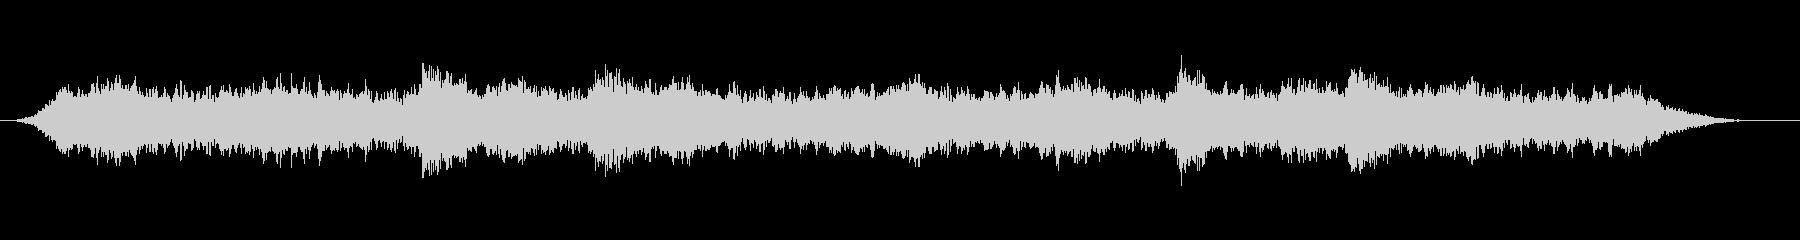 サスペンス映画の雰囲気のBGMの未再生の波形